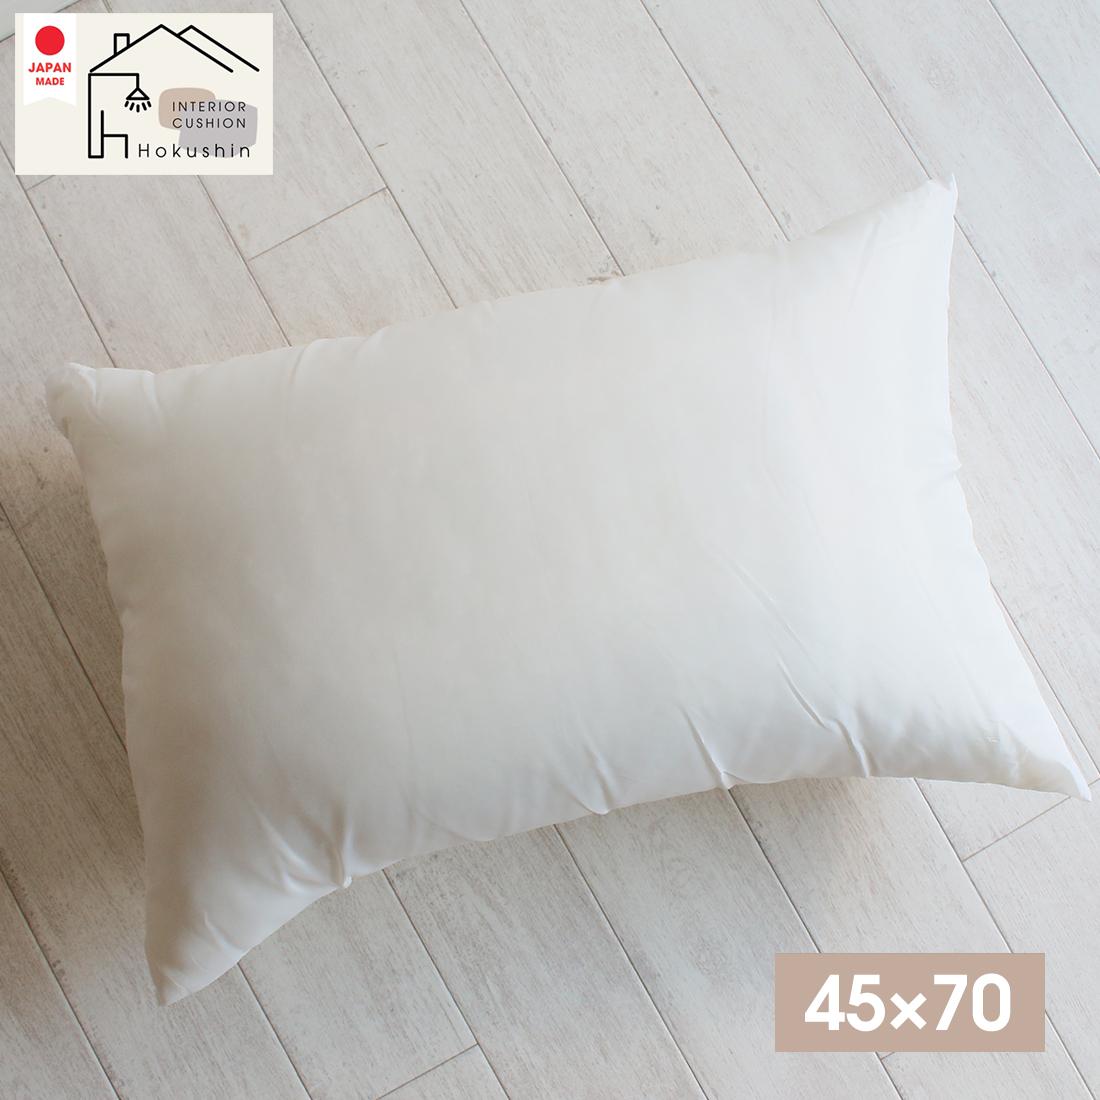 3個まで1梱包 買取 抱き枕 美品 中身 洗える 45×70 佐川またはヤマト便 ストレート 快眠 いびき防止